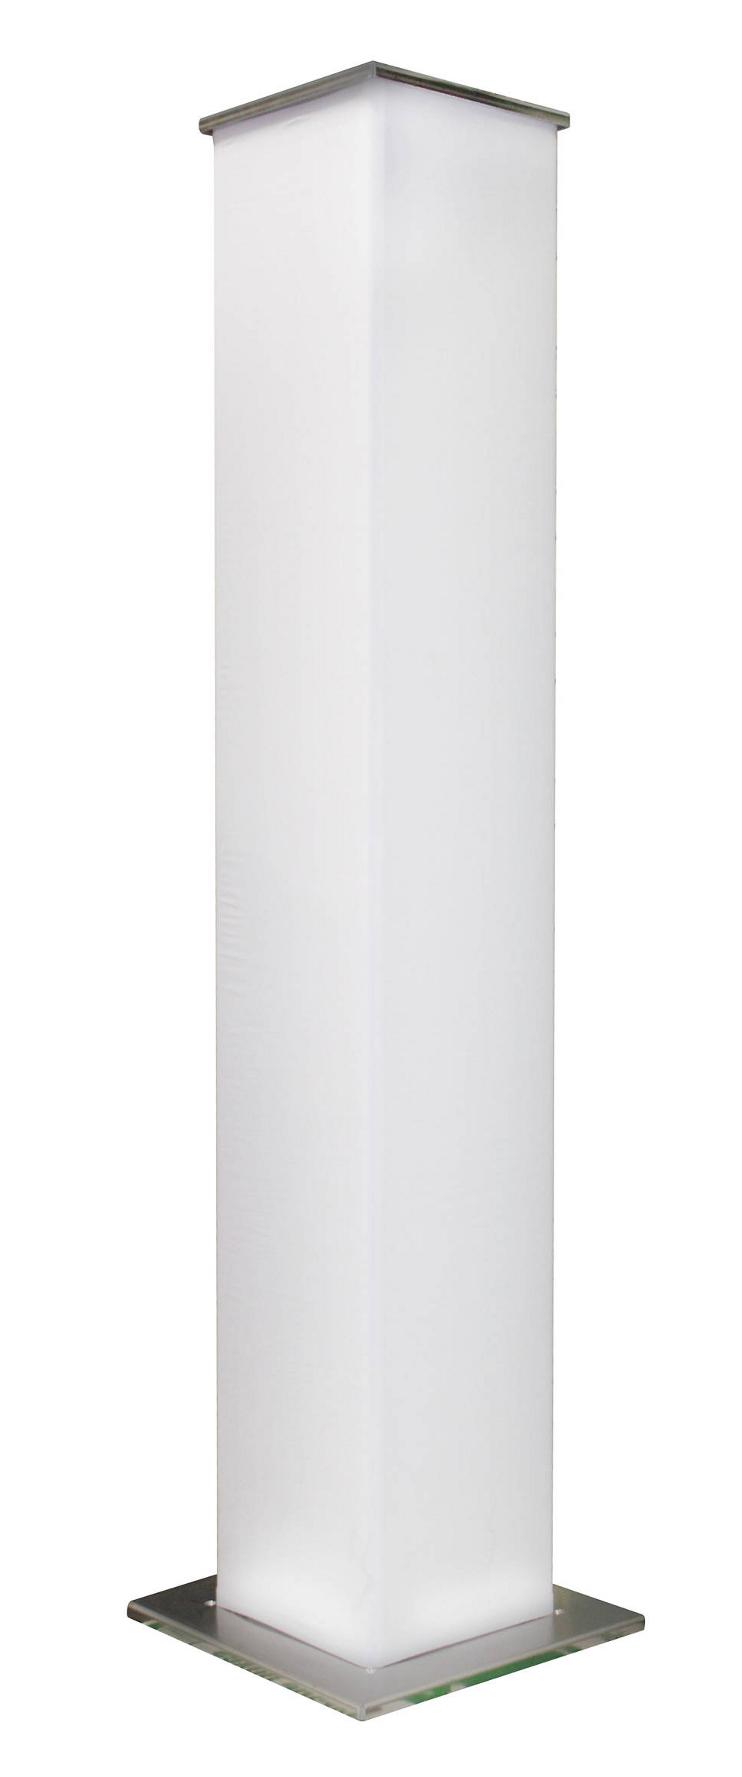 10' Scrim Werks Light Column